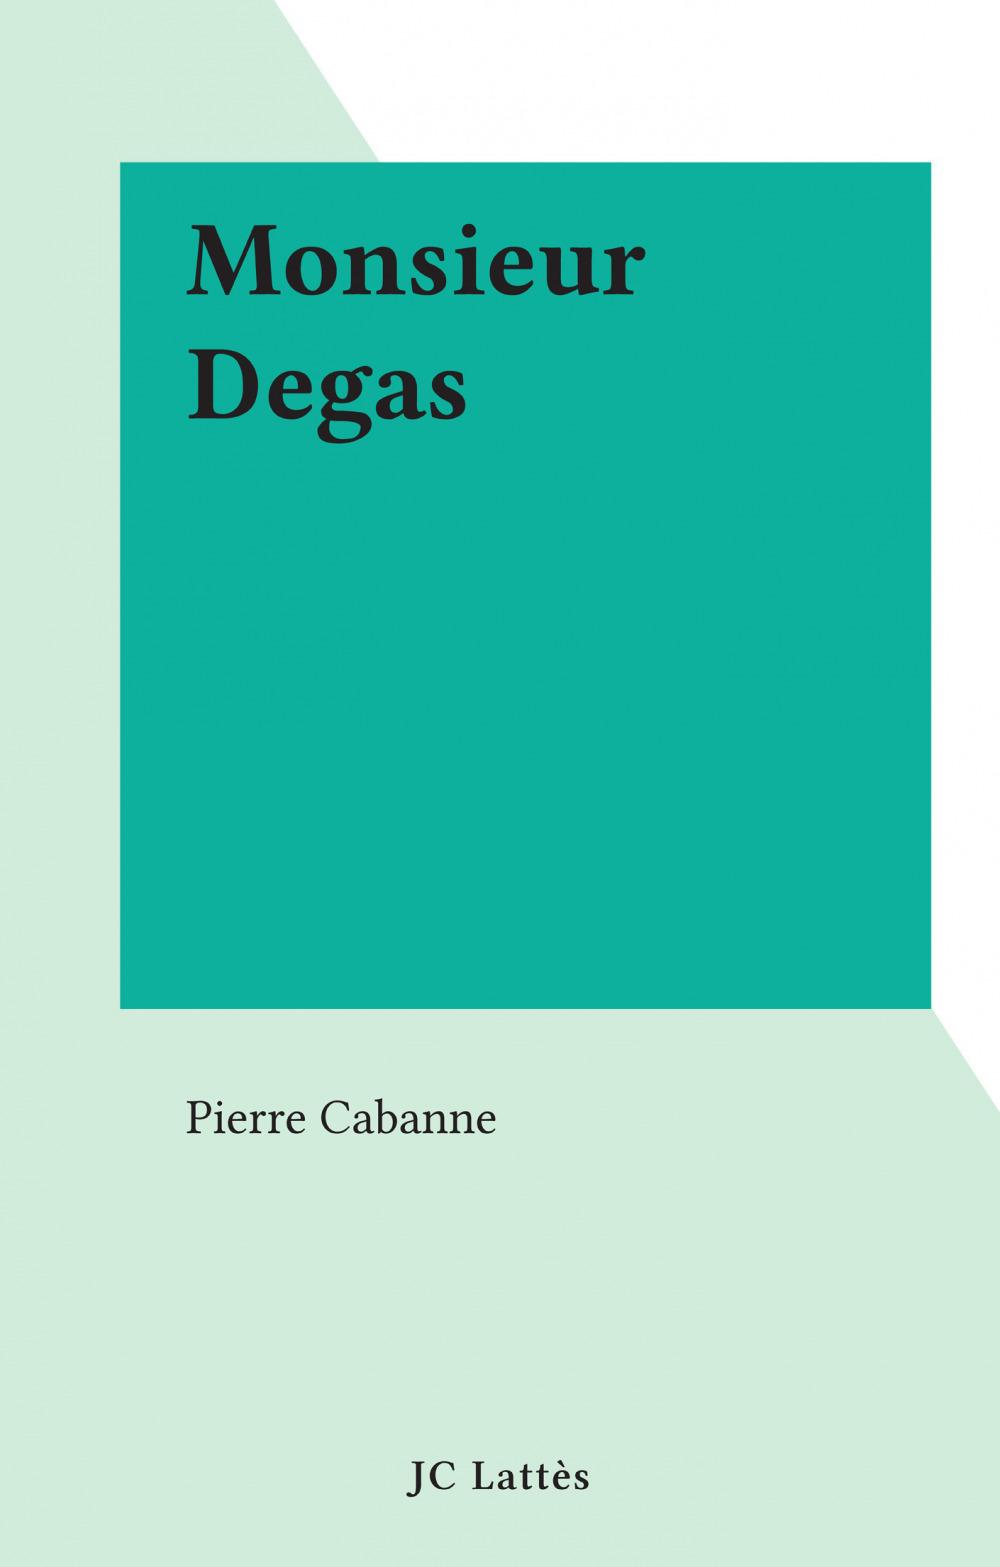 Monsieur Degas  - Pierre Cabanne